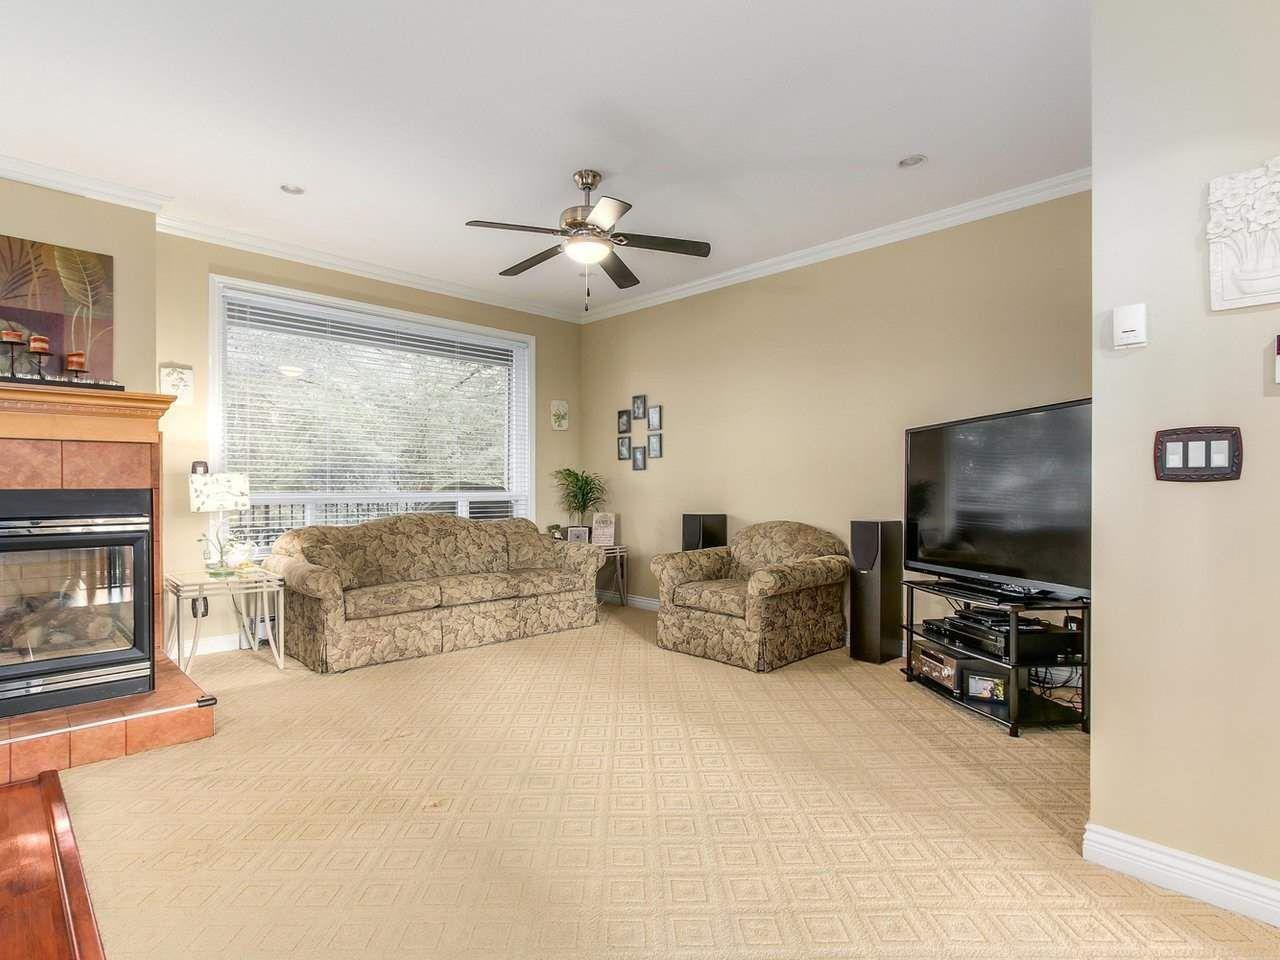 Photo 6: Photos: 725 REGAN Avenue in Coquitlam: Coquitlam West House for sale : MLS®# R2226266